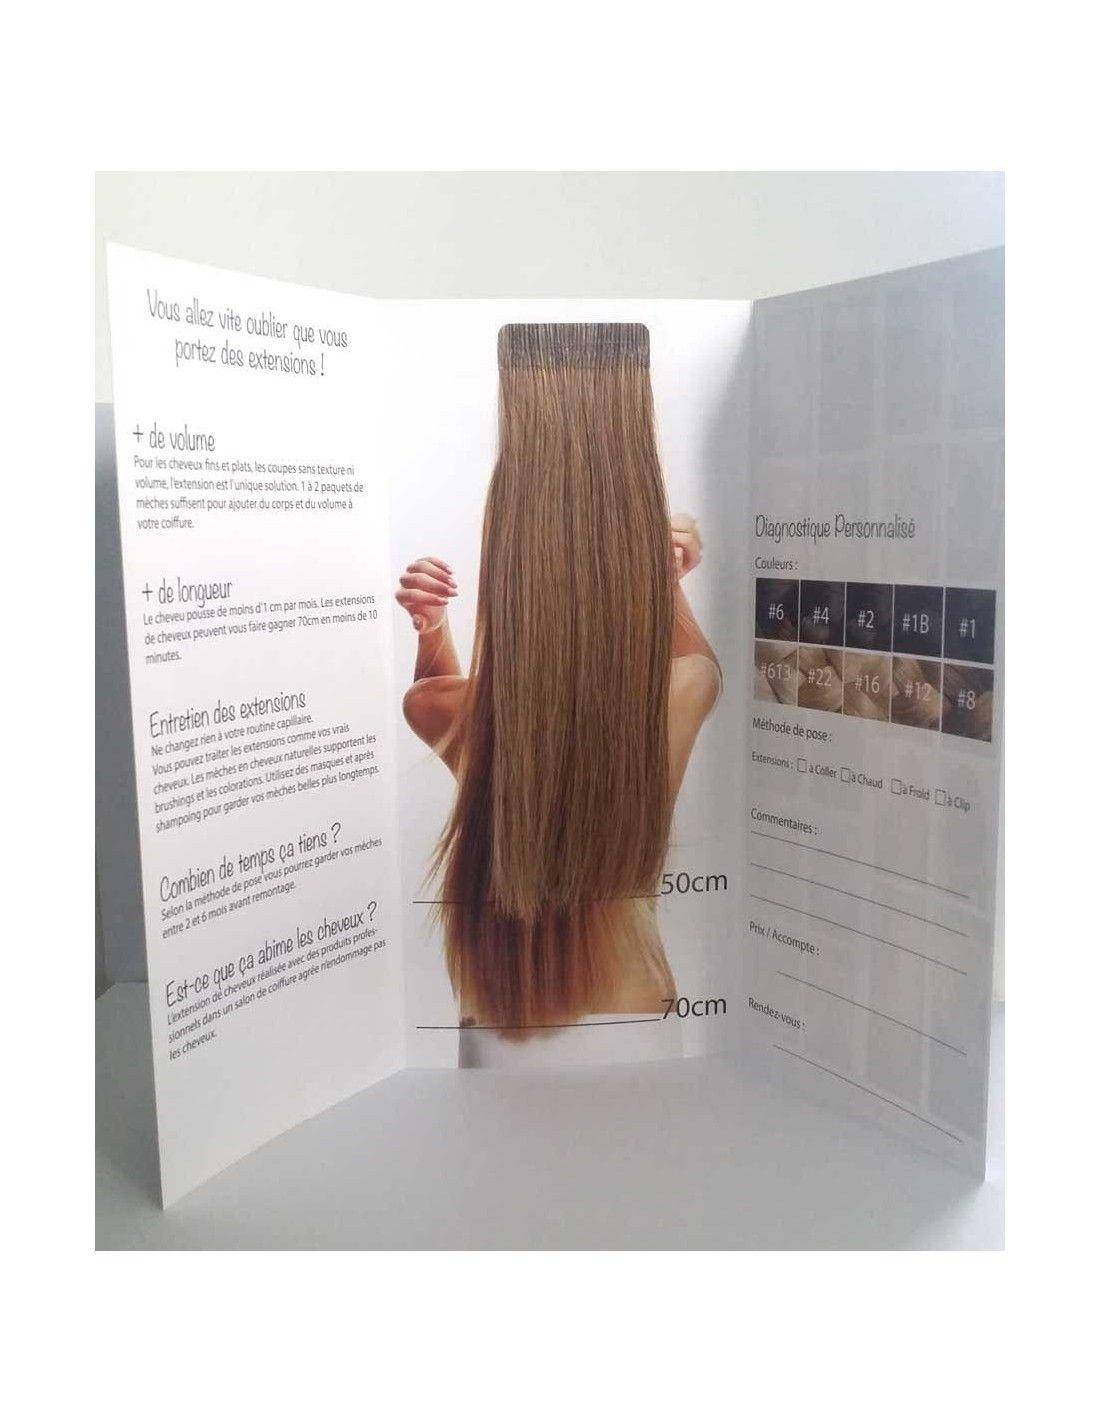 20+ Longueur cheveux minimum pour extension le dernier